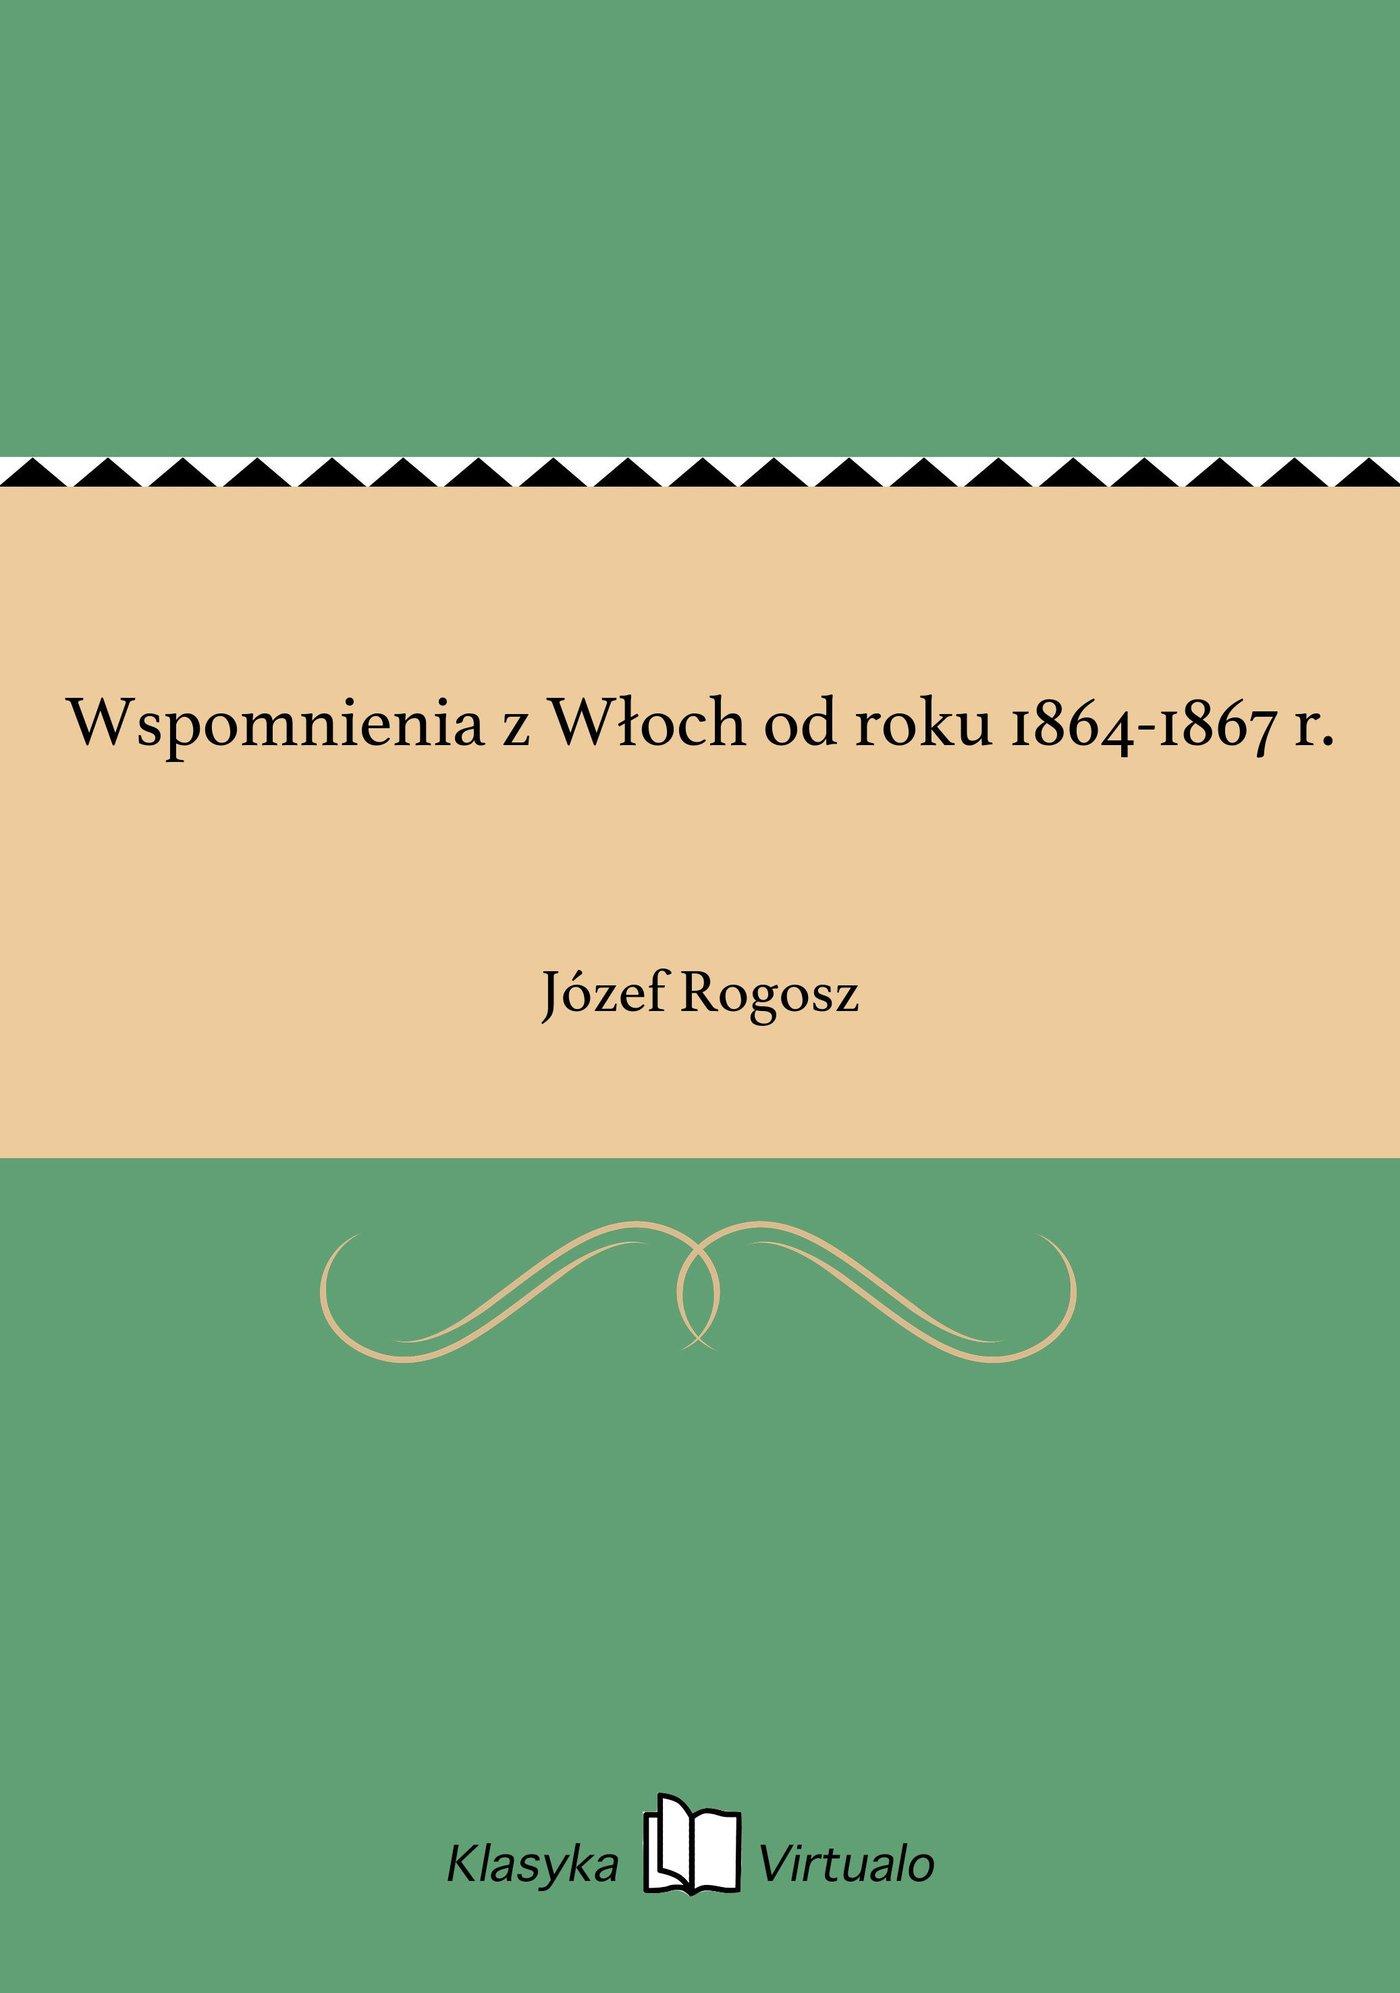 Wspomnienia z Włoch od roku 1864-1867 r. - Ebook (Książka EPUB) do pobrania w formacie EPUB